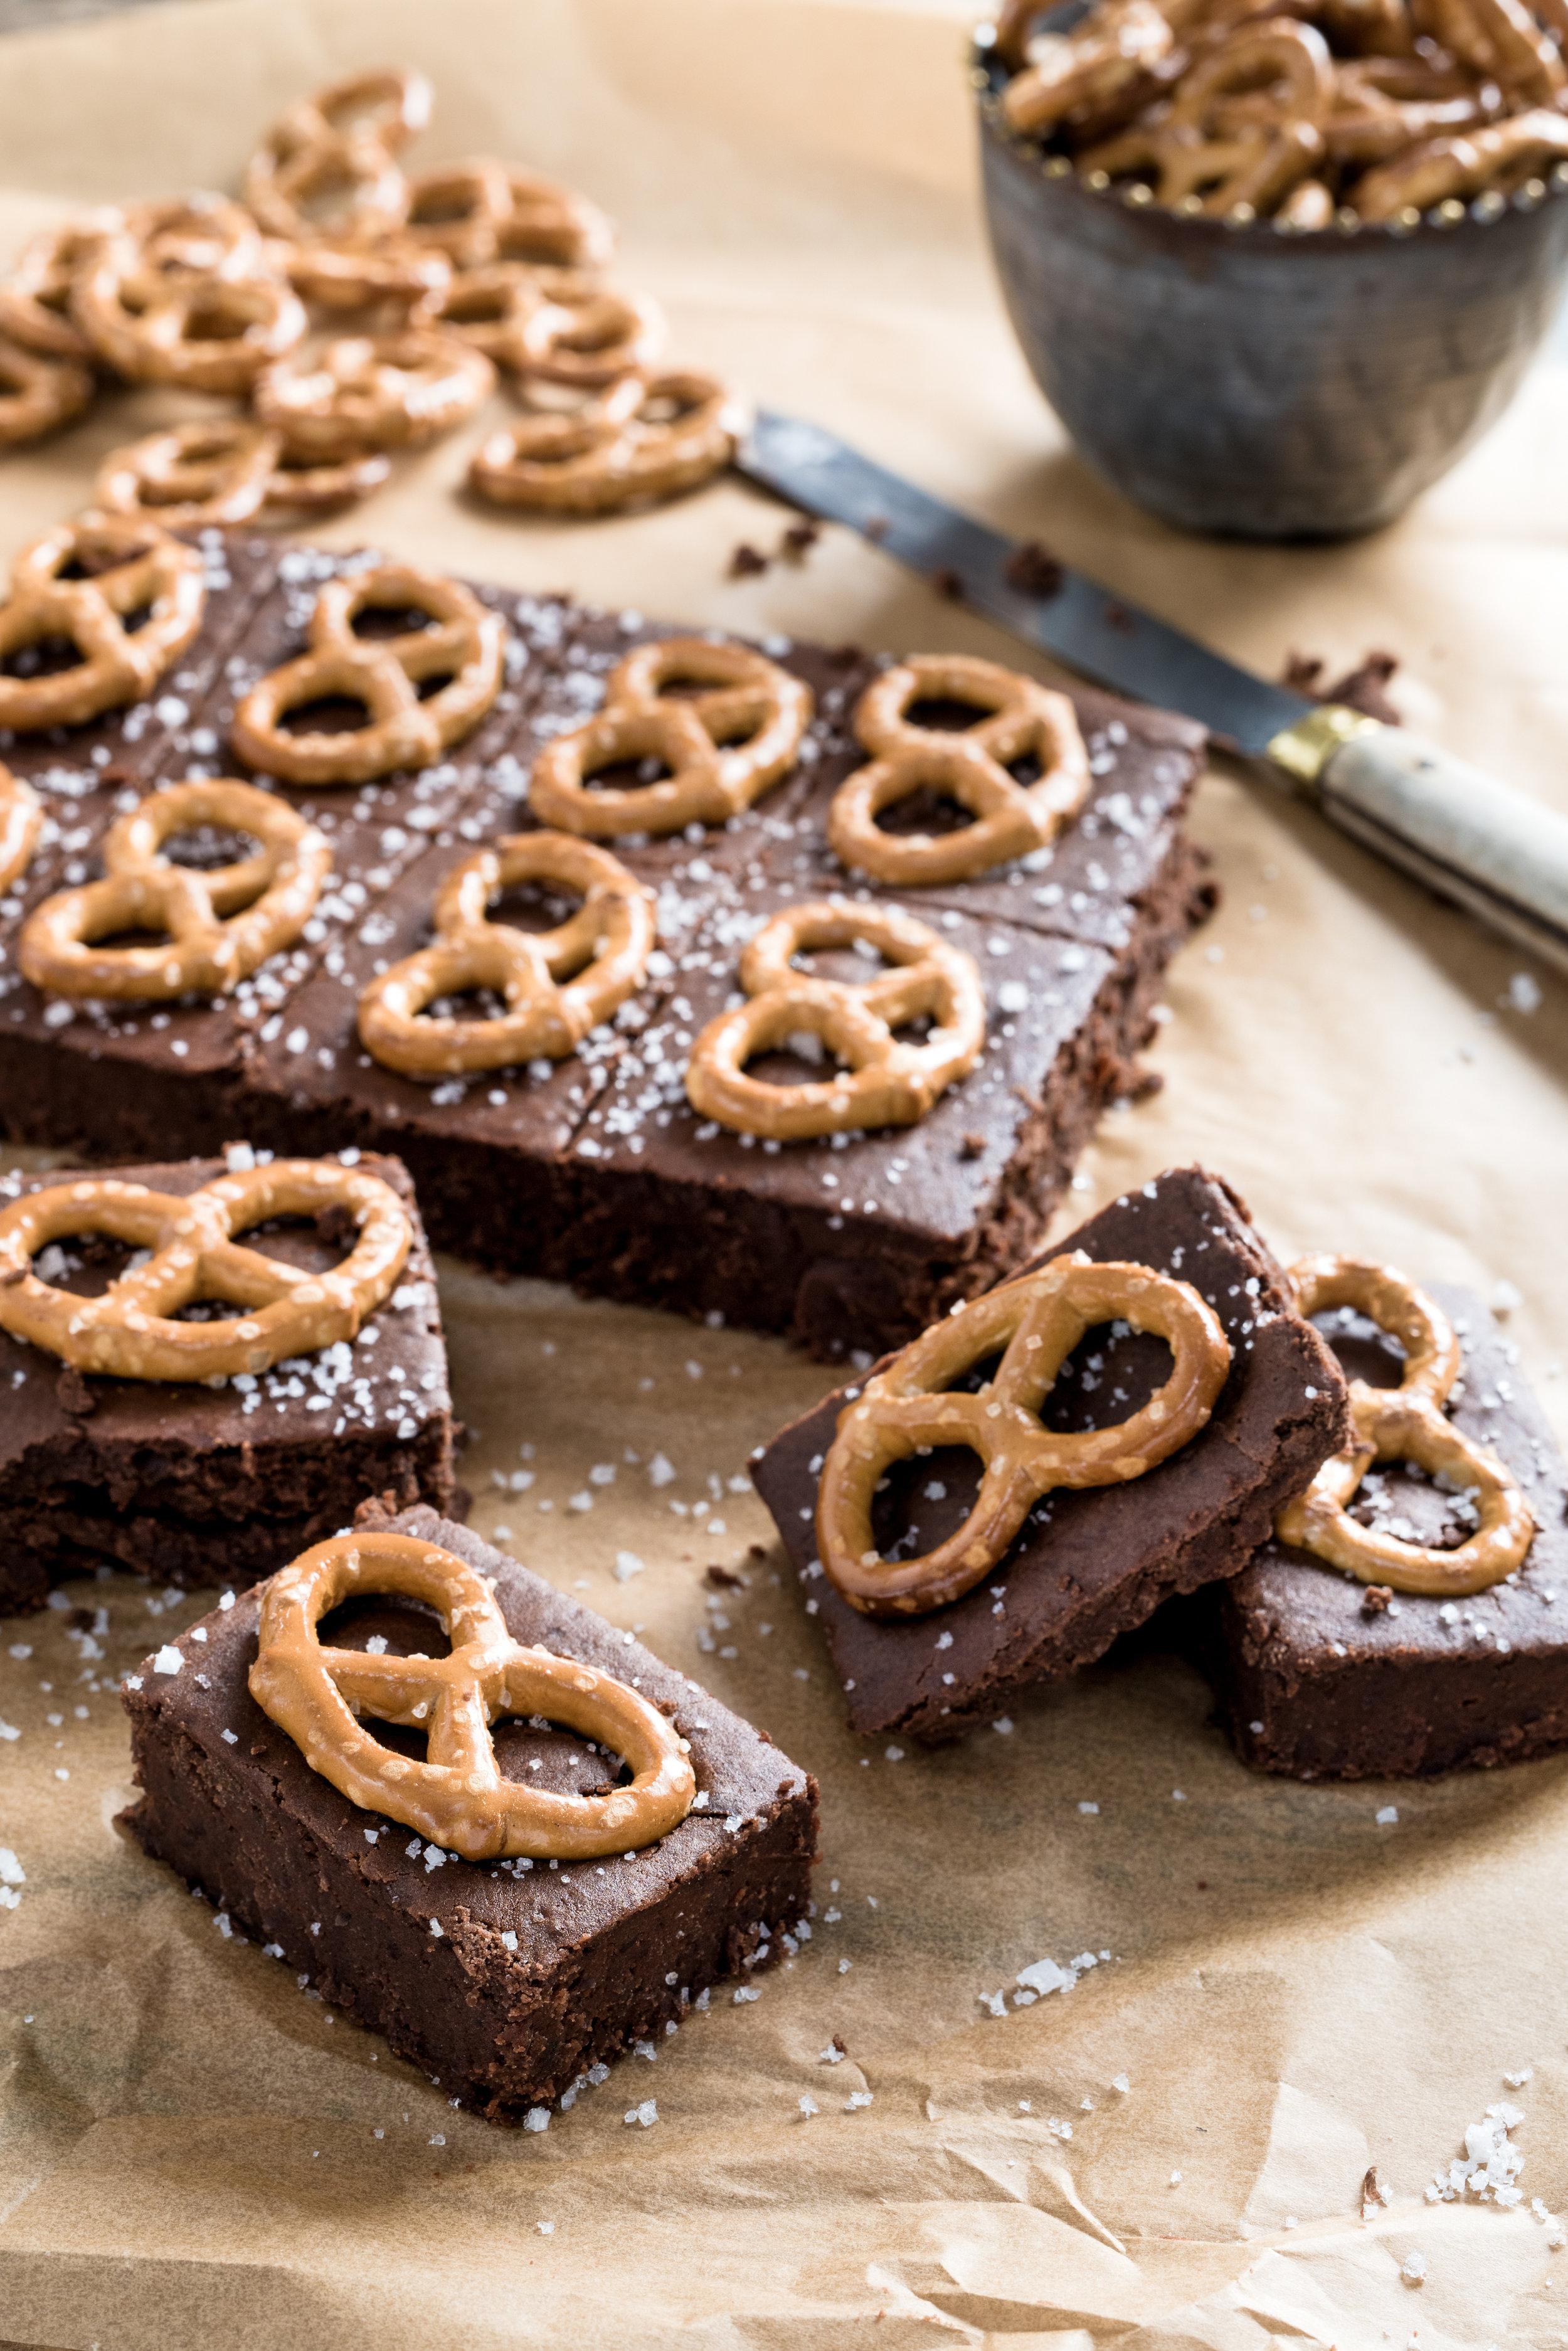 Brownies sucré-salé Photographie tirée du livre  Légumineuses & Cie  Photographie culinaire : Catherine Côté Stylisme culinaire : Hubert Cormier